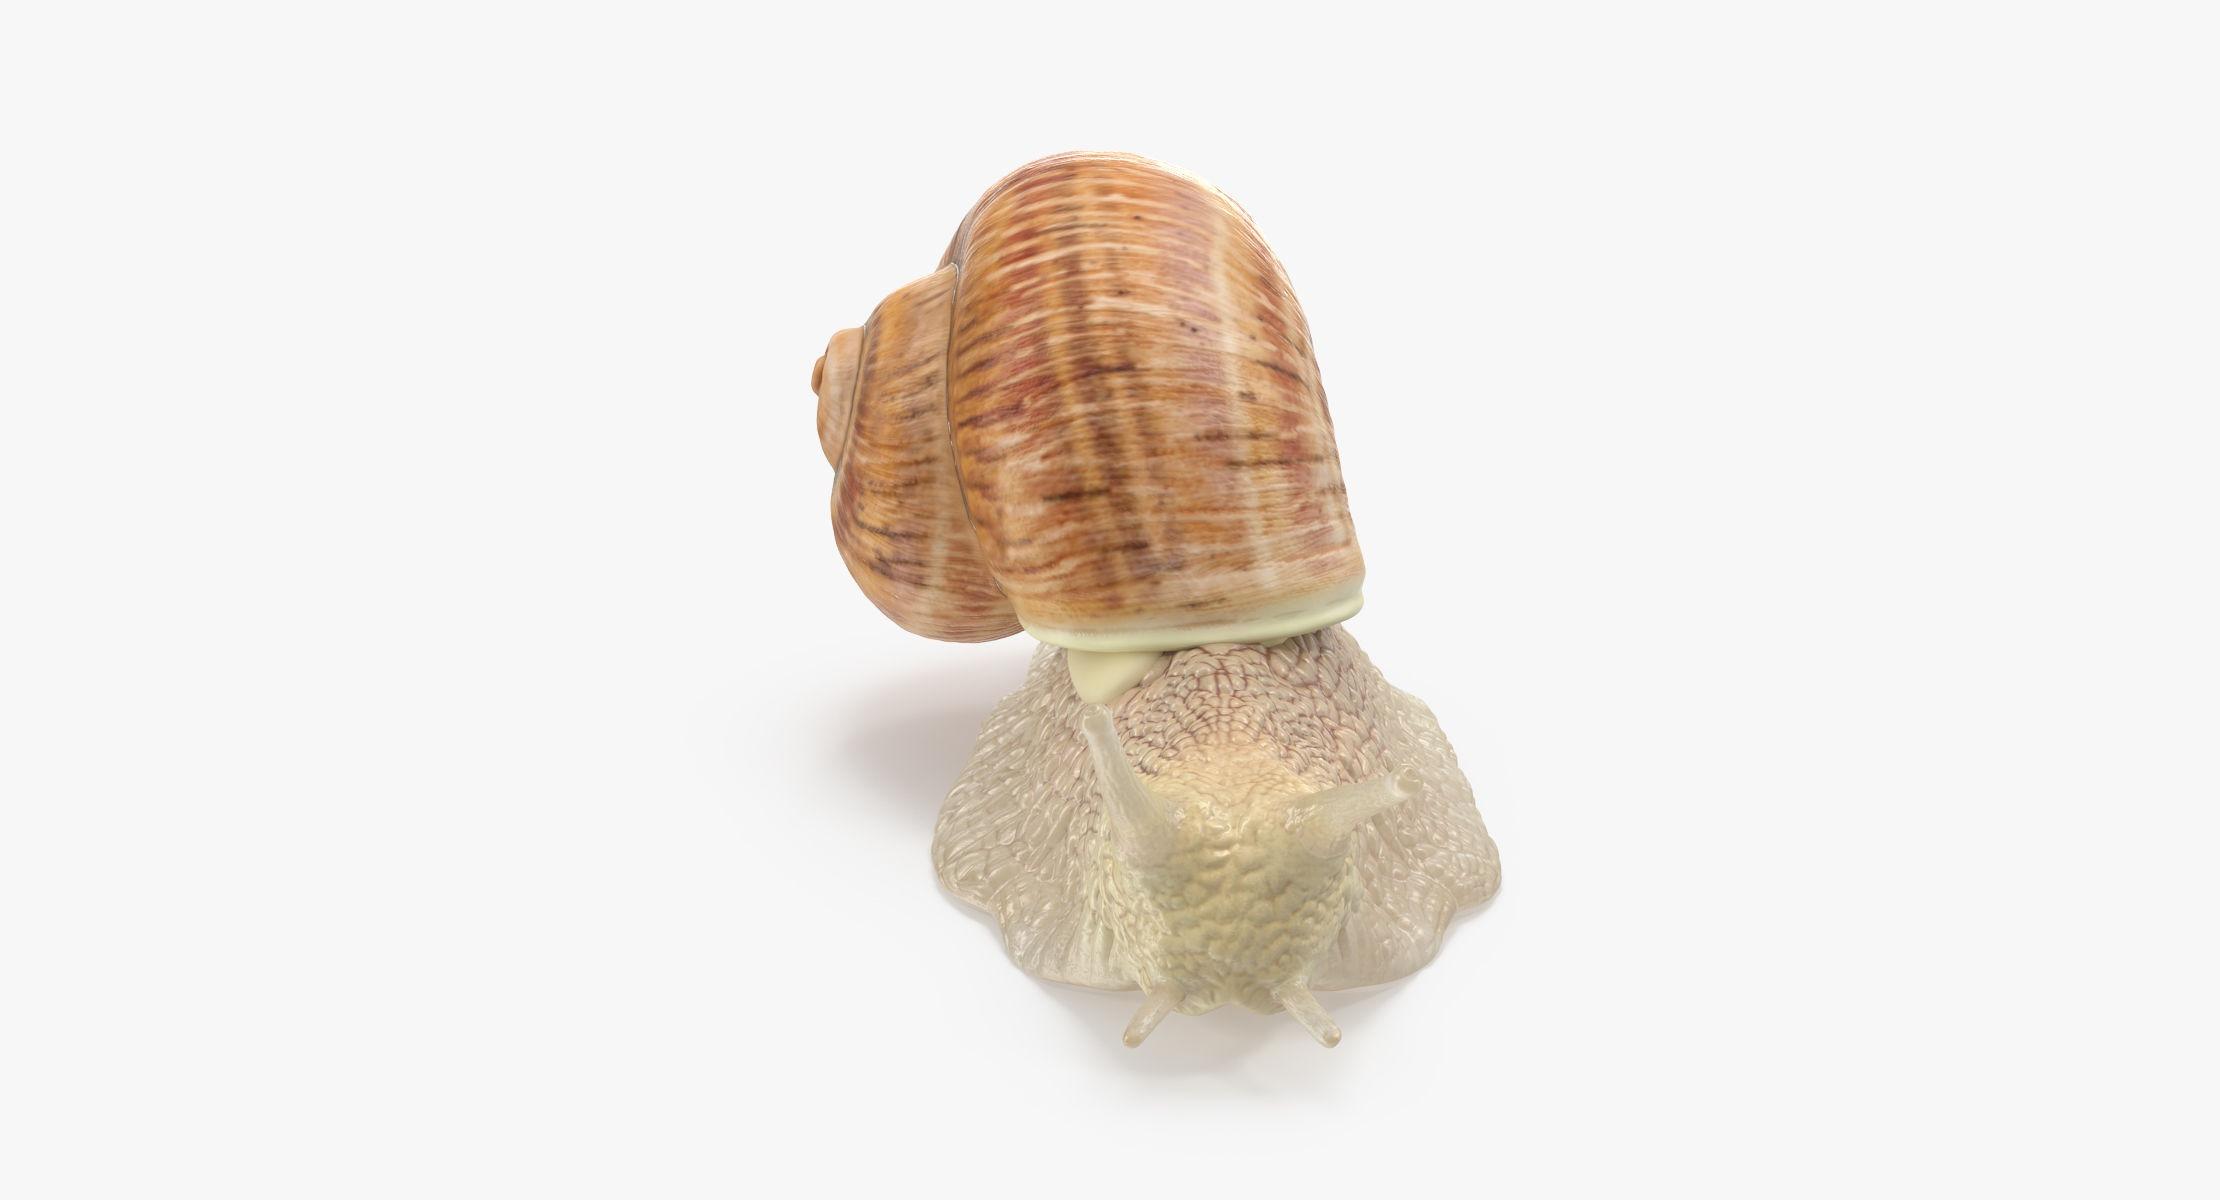 Snail 02 - reel 1